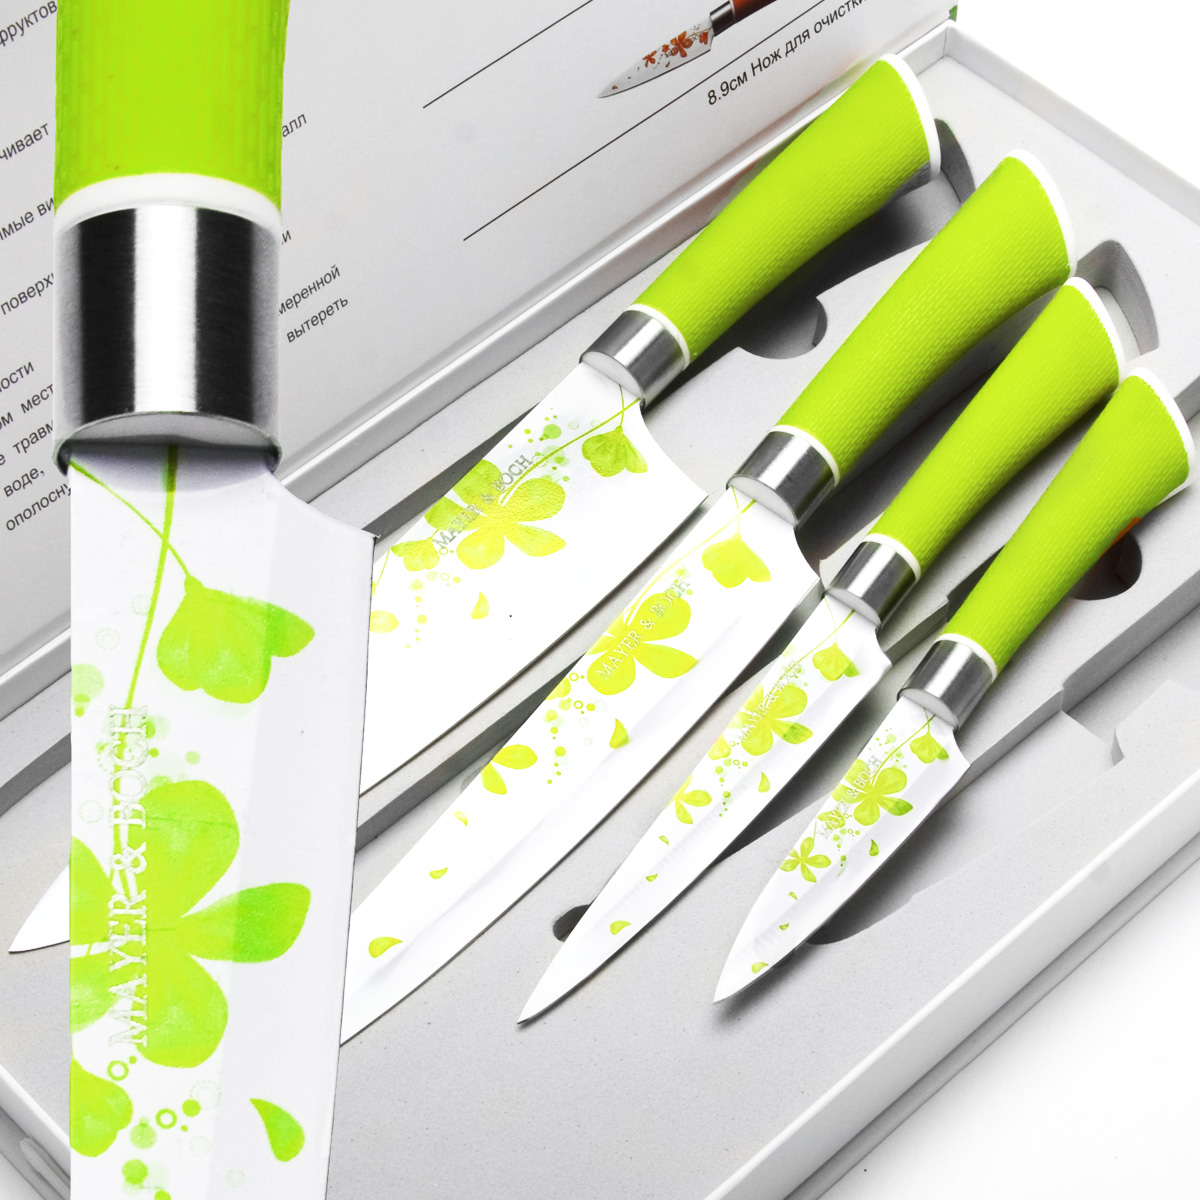 """Набор ножей """"Mayer & Boch"""" состоит из 4 ножей: нож поварской, нож универсальный, нож разделочный и нож для очистки. Ножи выполнены из нержавеющей стали, ручки из полипропилена.  Оригинальный набор ножей великолепно украсит интерьер кухни и станет замечательным помощником.  Можно мыть в посудомоечной машине.     Длина лезвия поварского ножа: 20,3 см. Общая длина поварского ножа: 33 см. Длина лезвия разделочного ножа: 20,3 см. Общая длина разделочного ножа: 33 см. Длина лезвия универсального ножа: 12,8 см. Общая длина универсального ножа: 24 см. Длина лезвия ножа для очистки: 8,9 см. Общая длина ножа для очистки: 20 см."""